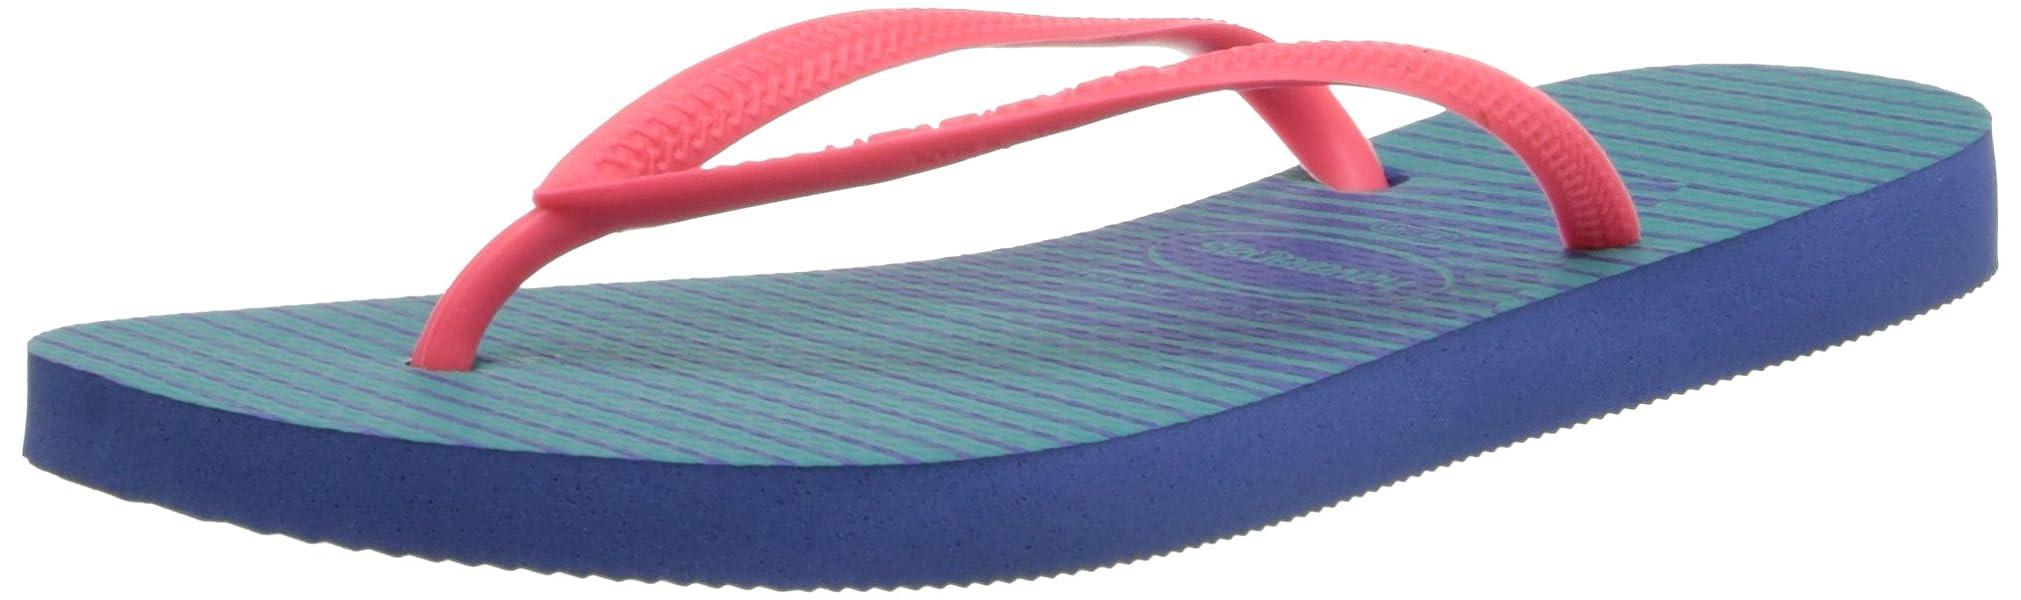 女士拖鞋 菱形图案 淡蓝色 41英国码/11美国码/12美国码